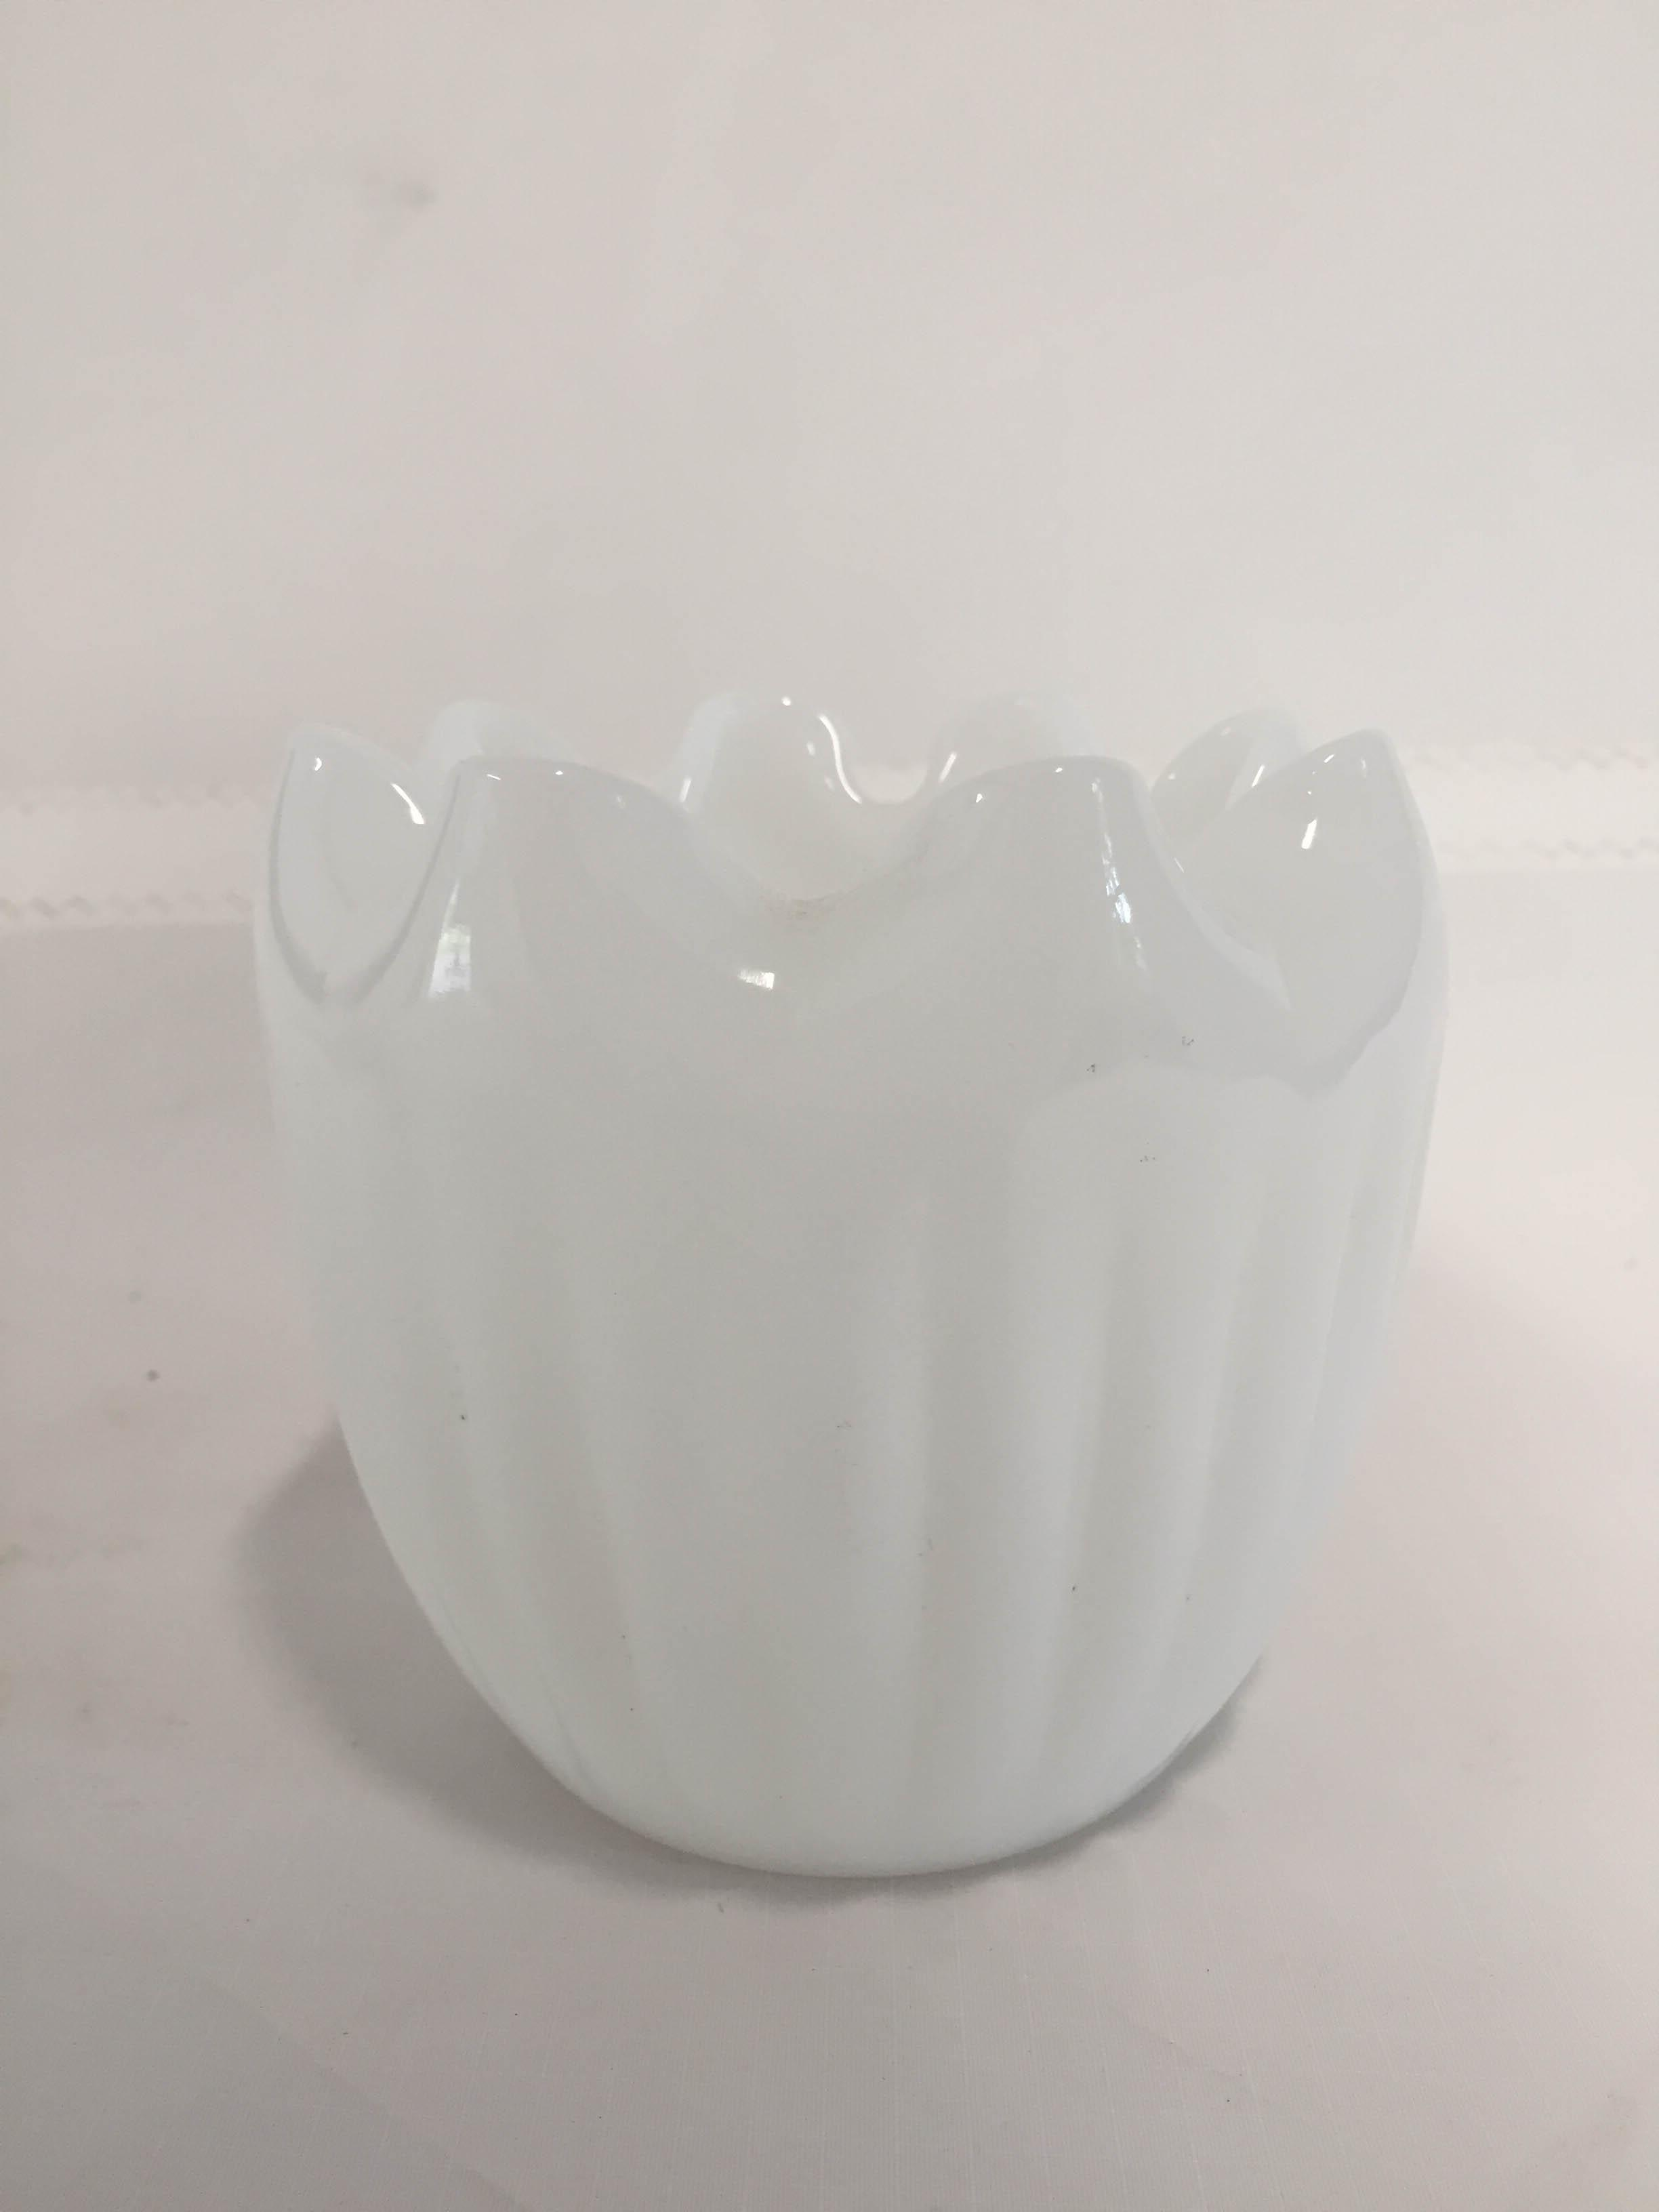 midcentury modern milk glass ruffle vase | chairish, Powerpoint templates